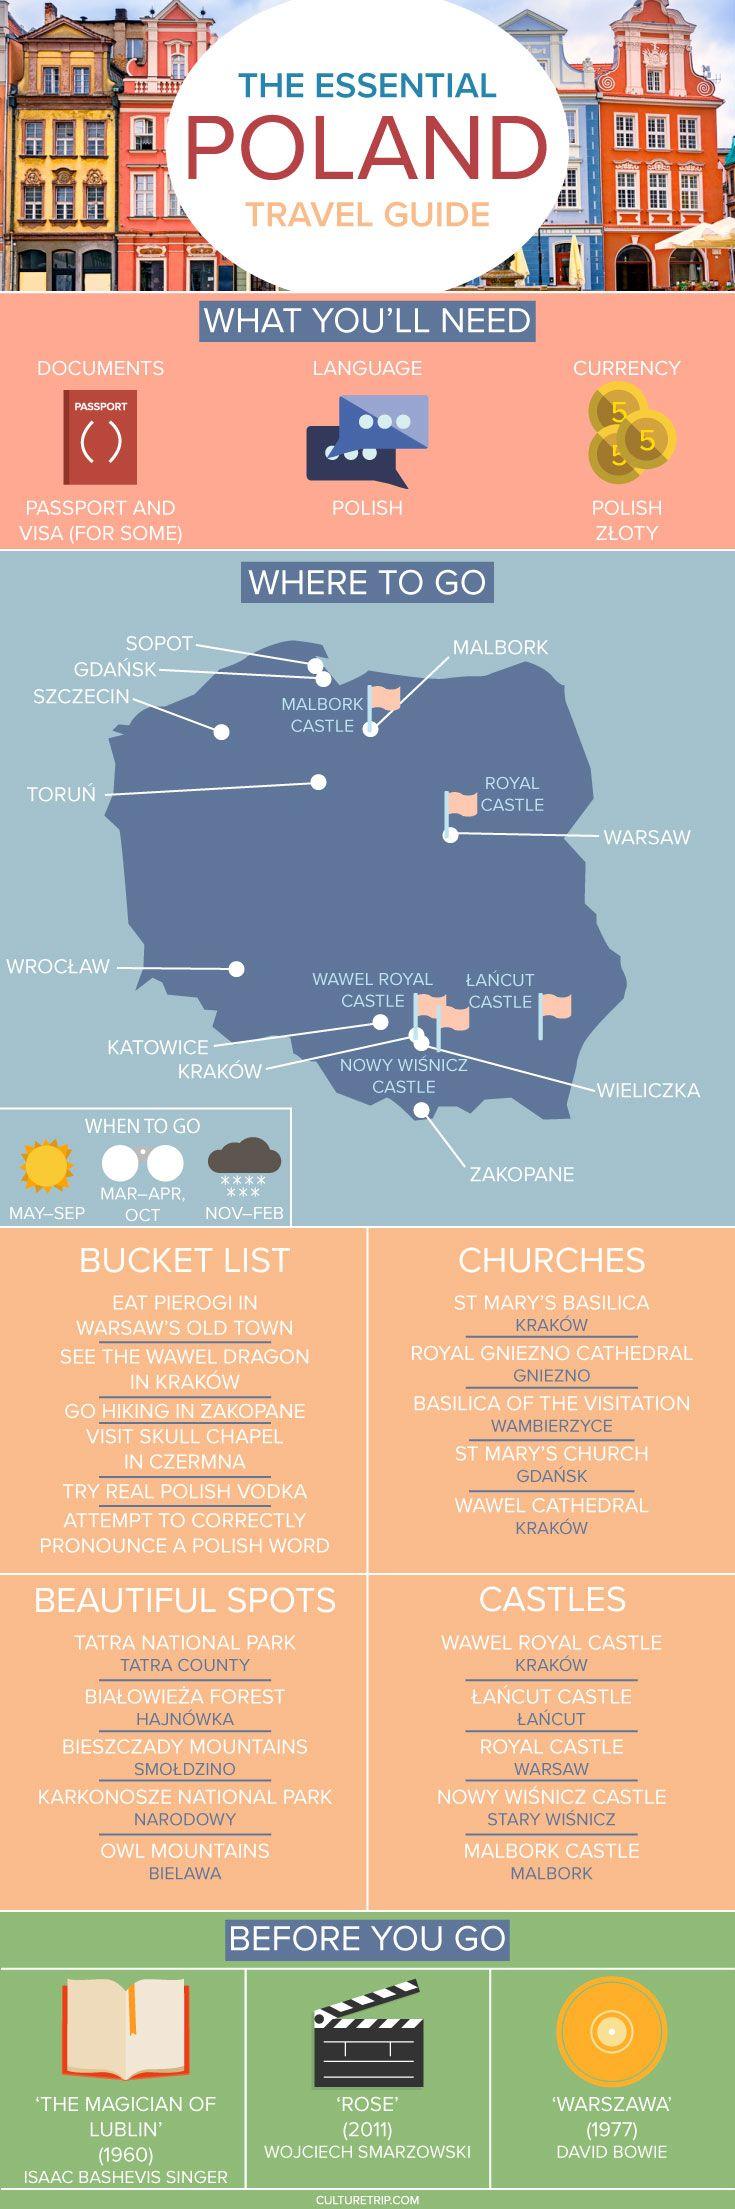 La guía esencial de viajes a Polonia